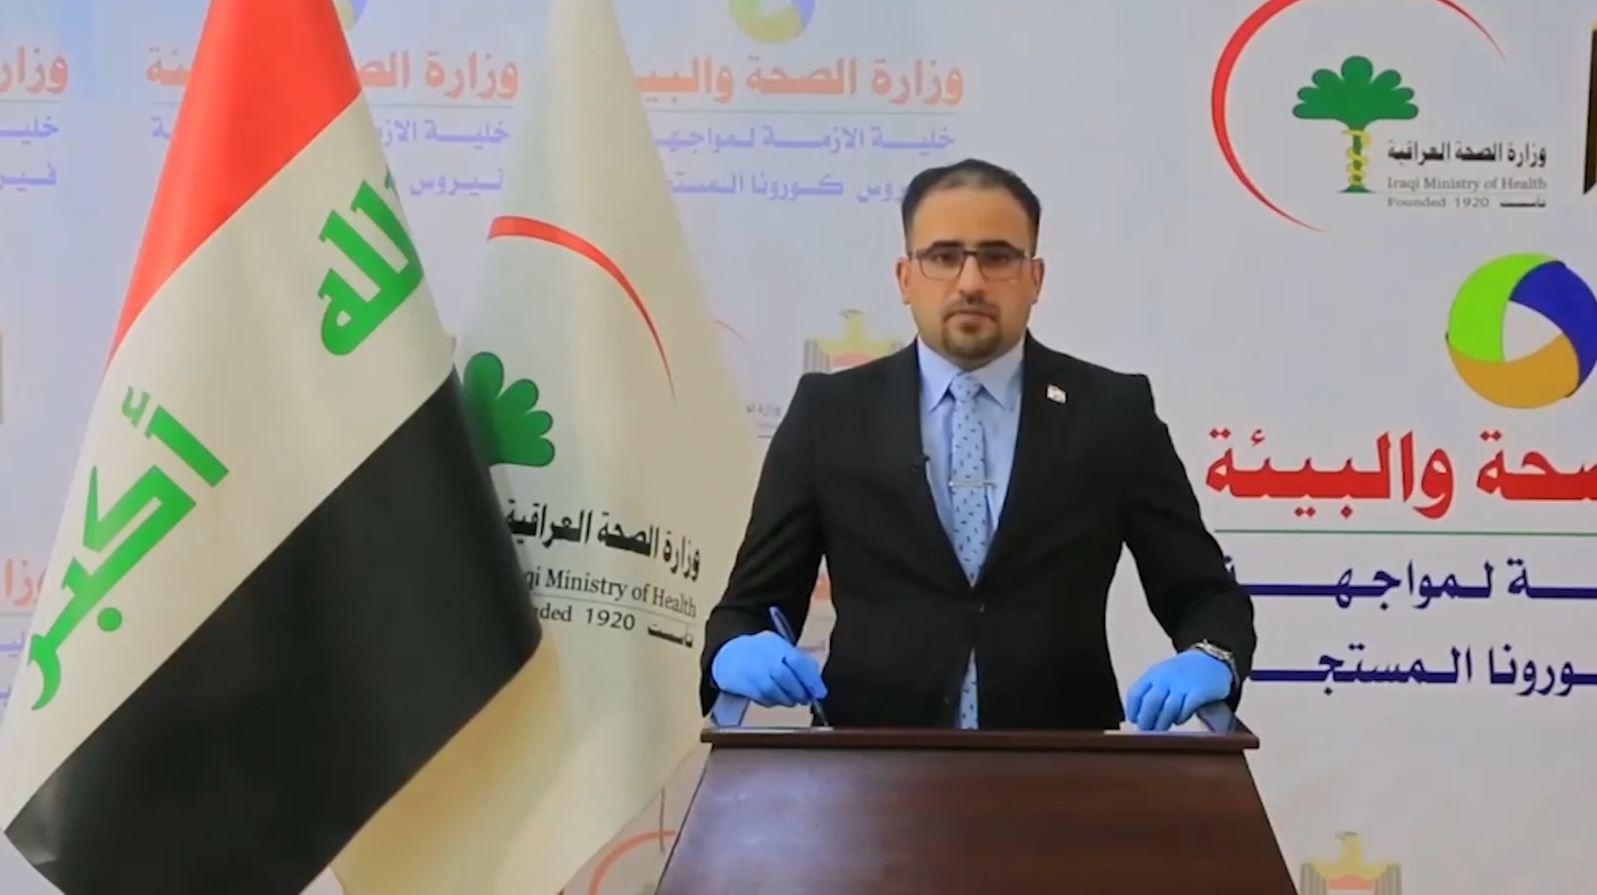 الصحة العراقية تلوّح بفرض حظر طبي: ليس قرارا أمنيا وهذا هدفه